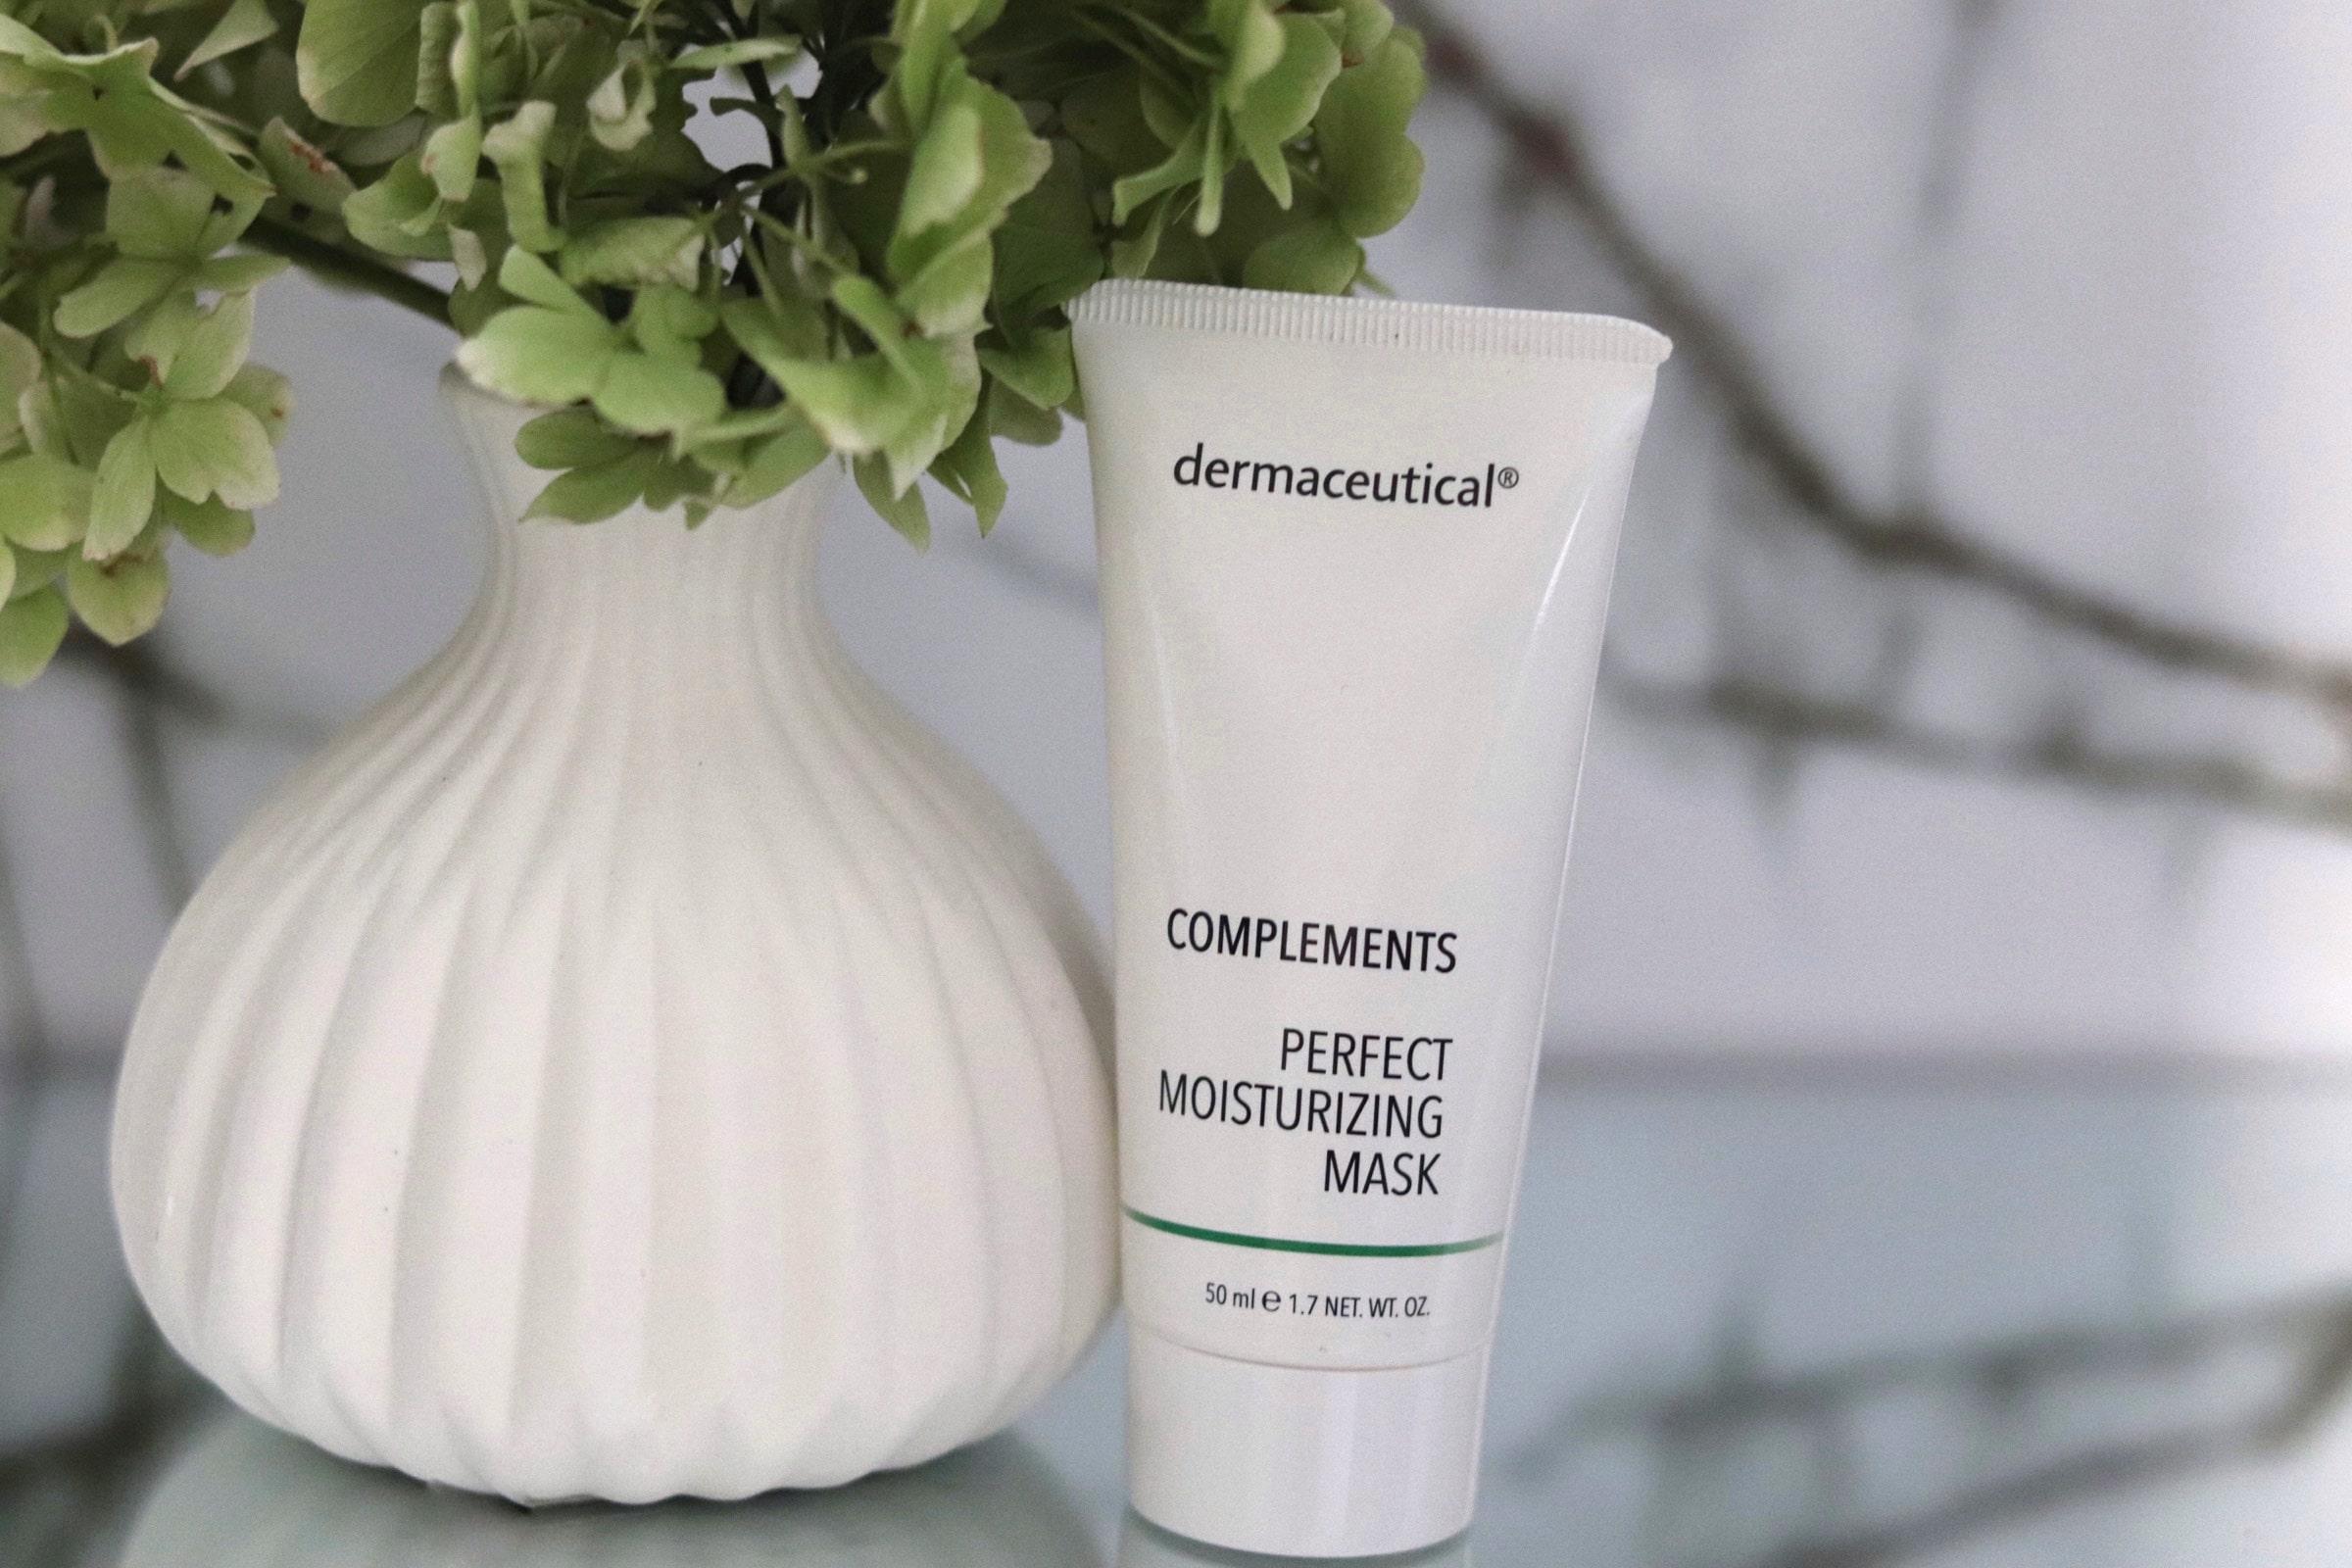 Gesichtsmaske dermaceutical